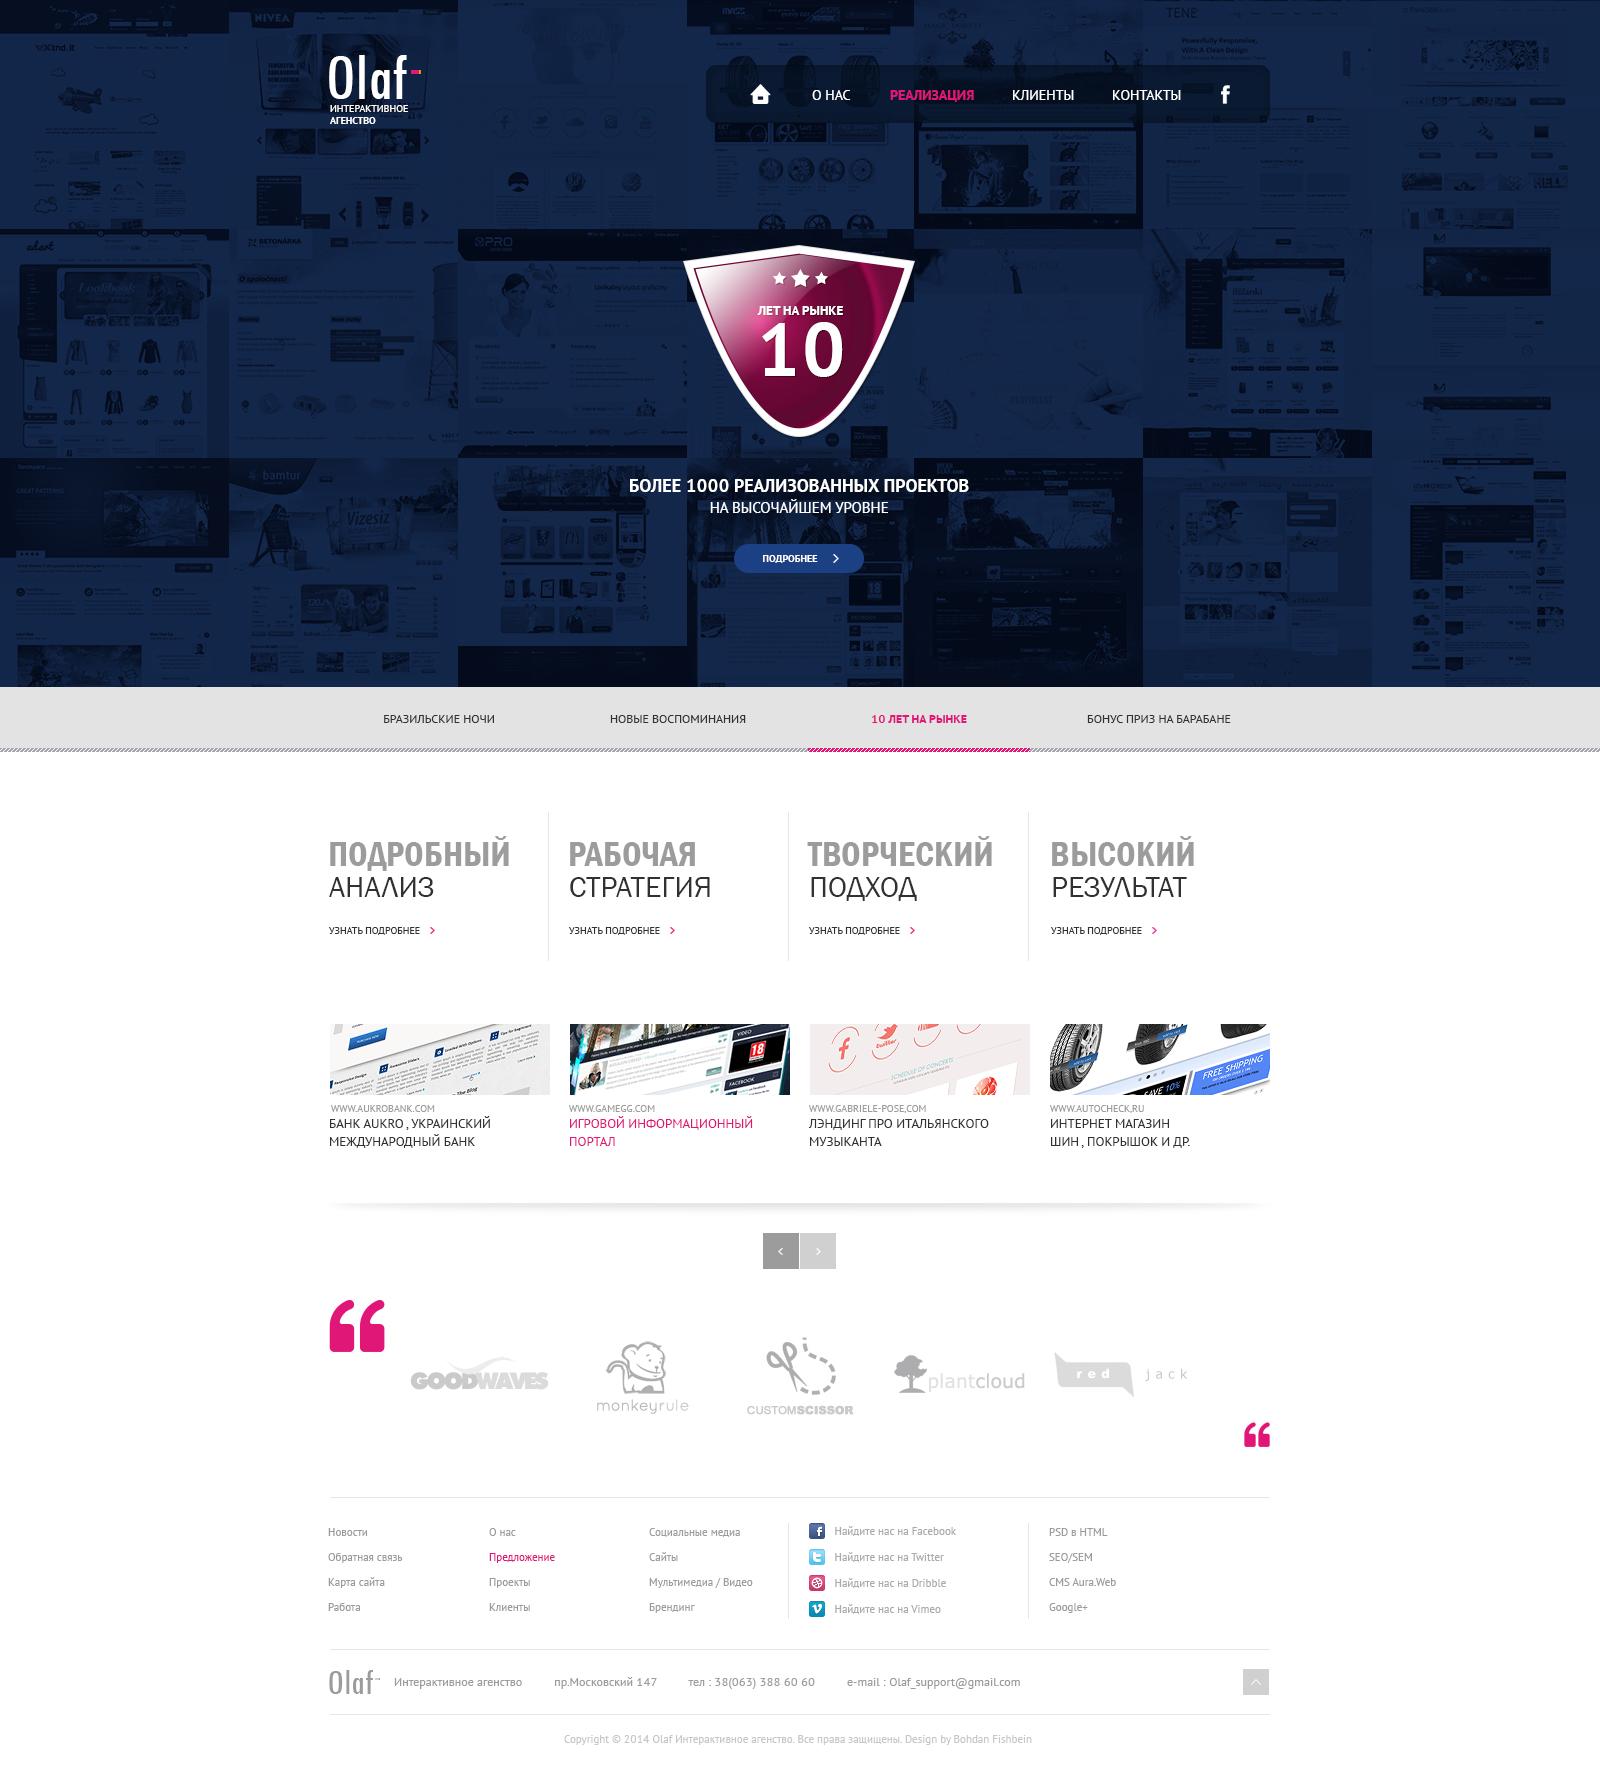 web design - Olaf by Shizoy